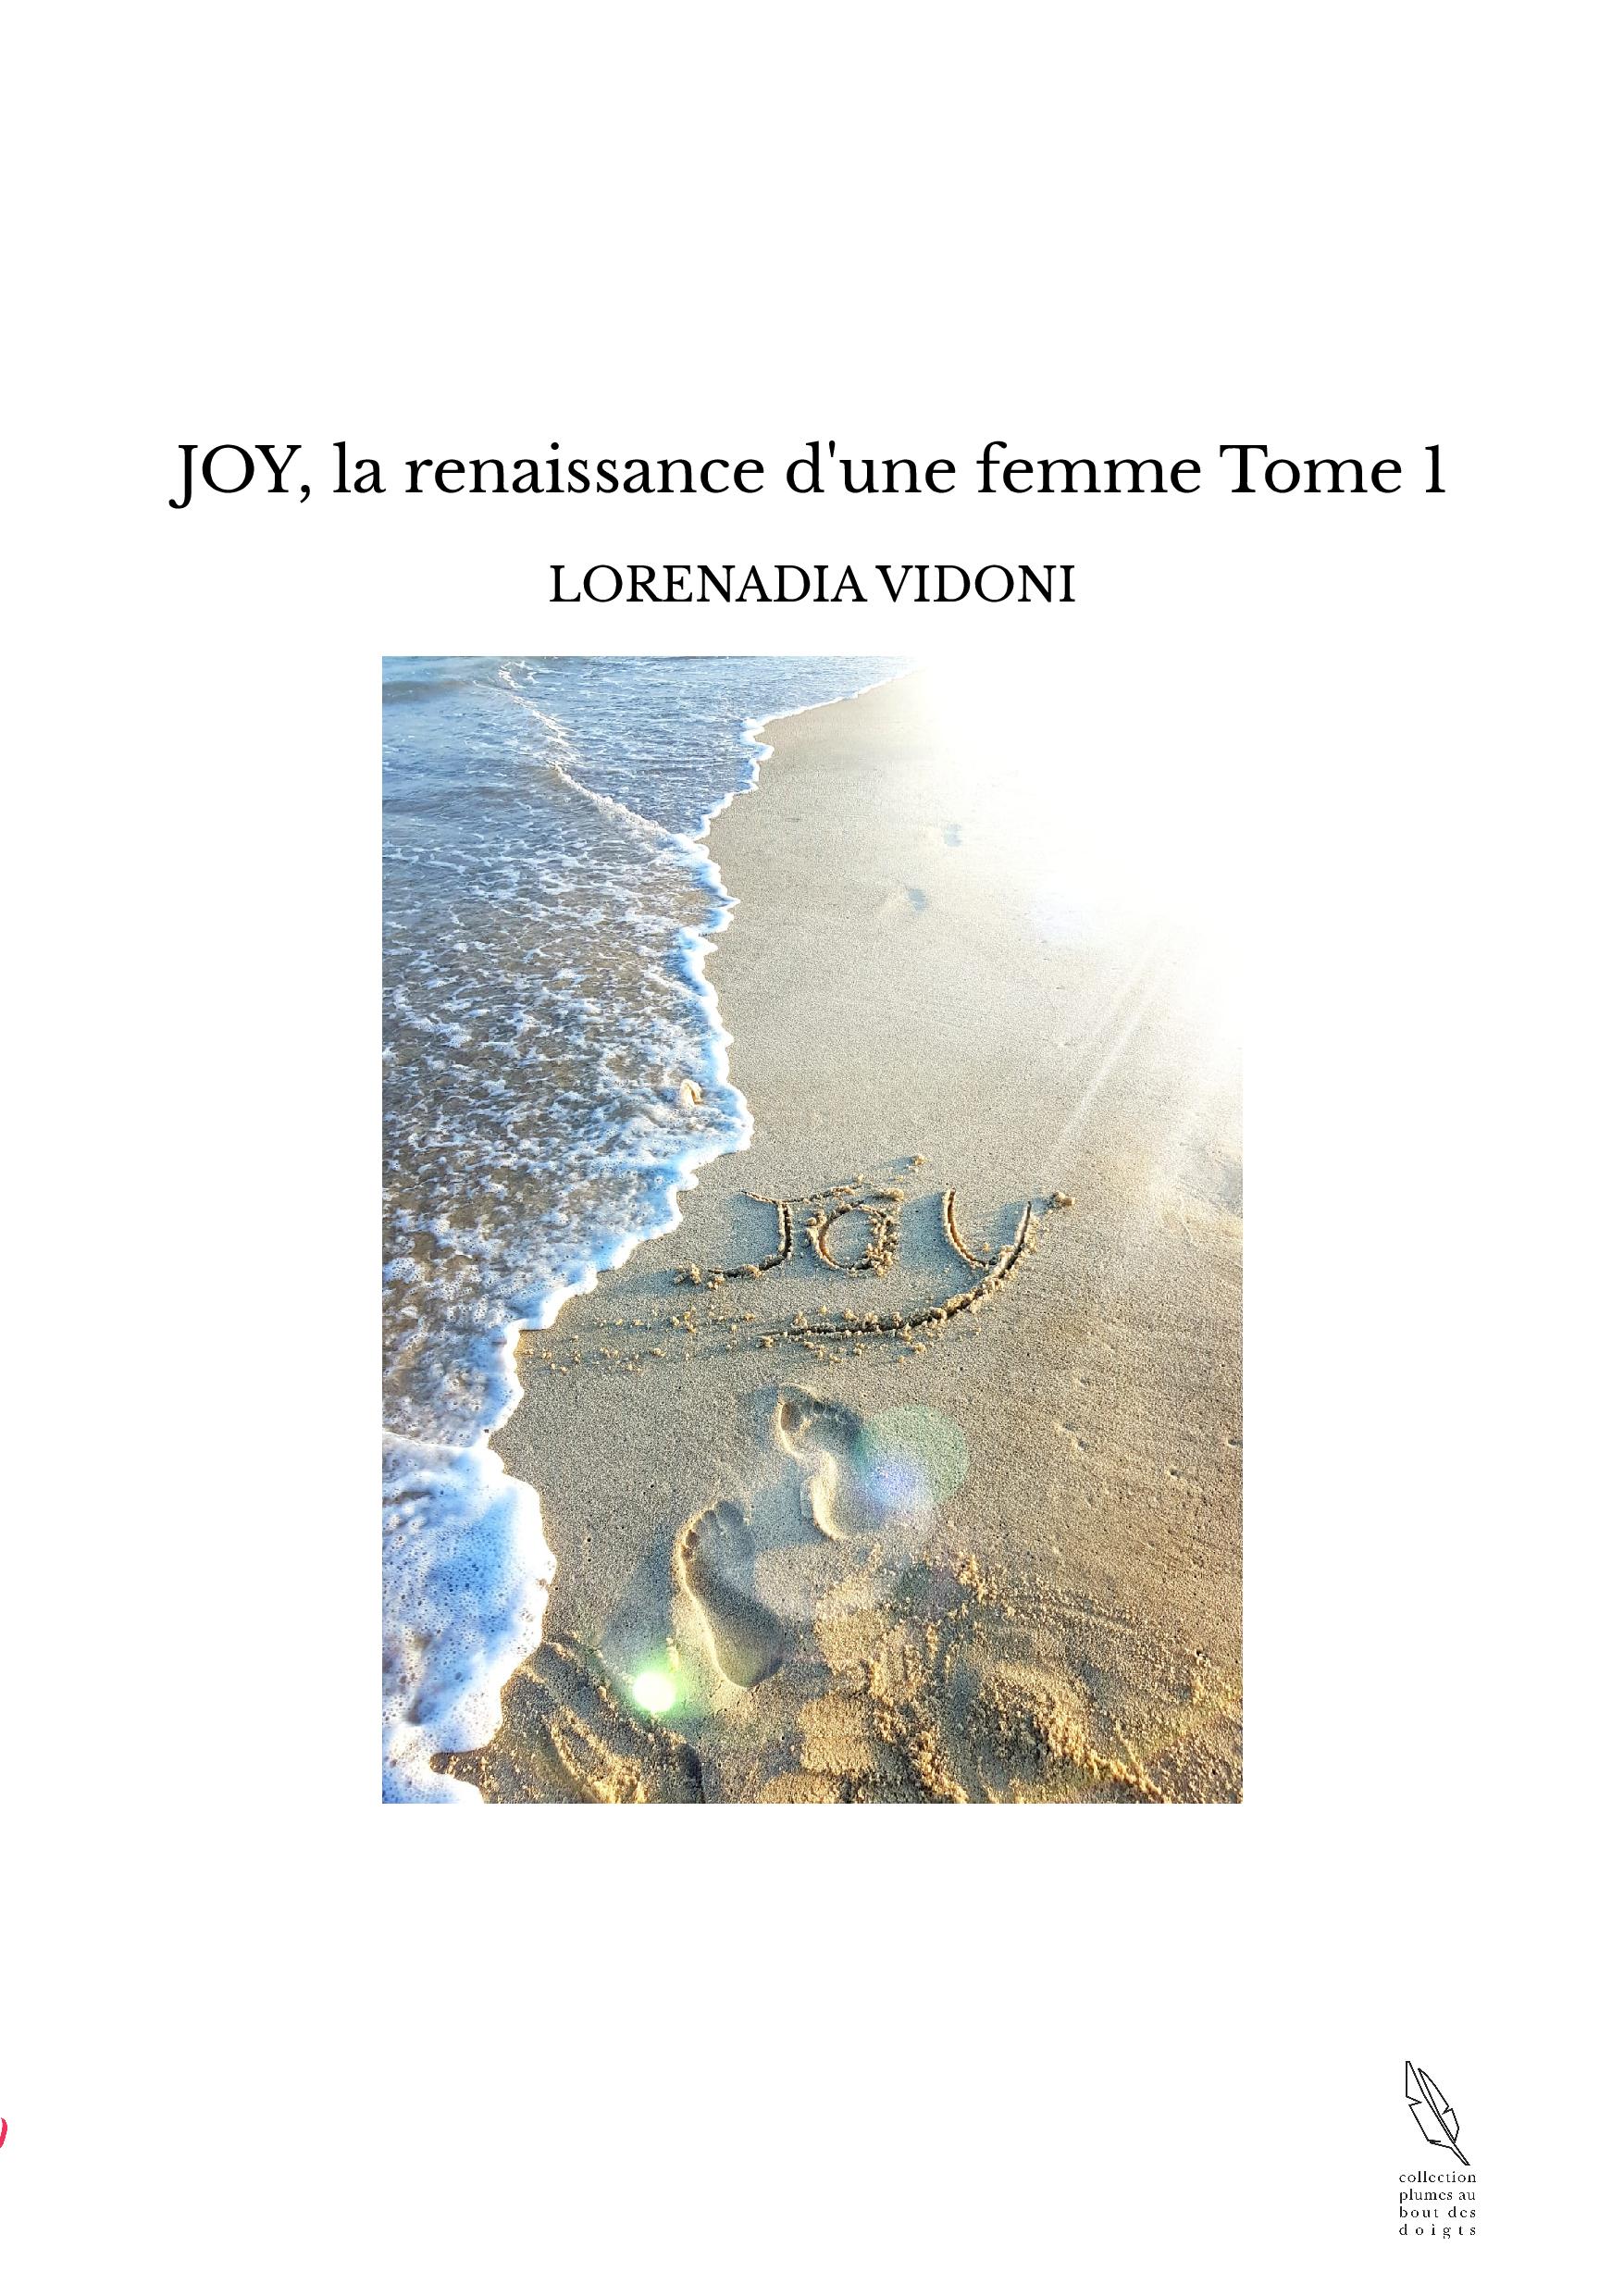 JOY, la renaissance d'une femme Tome 1